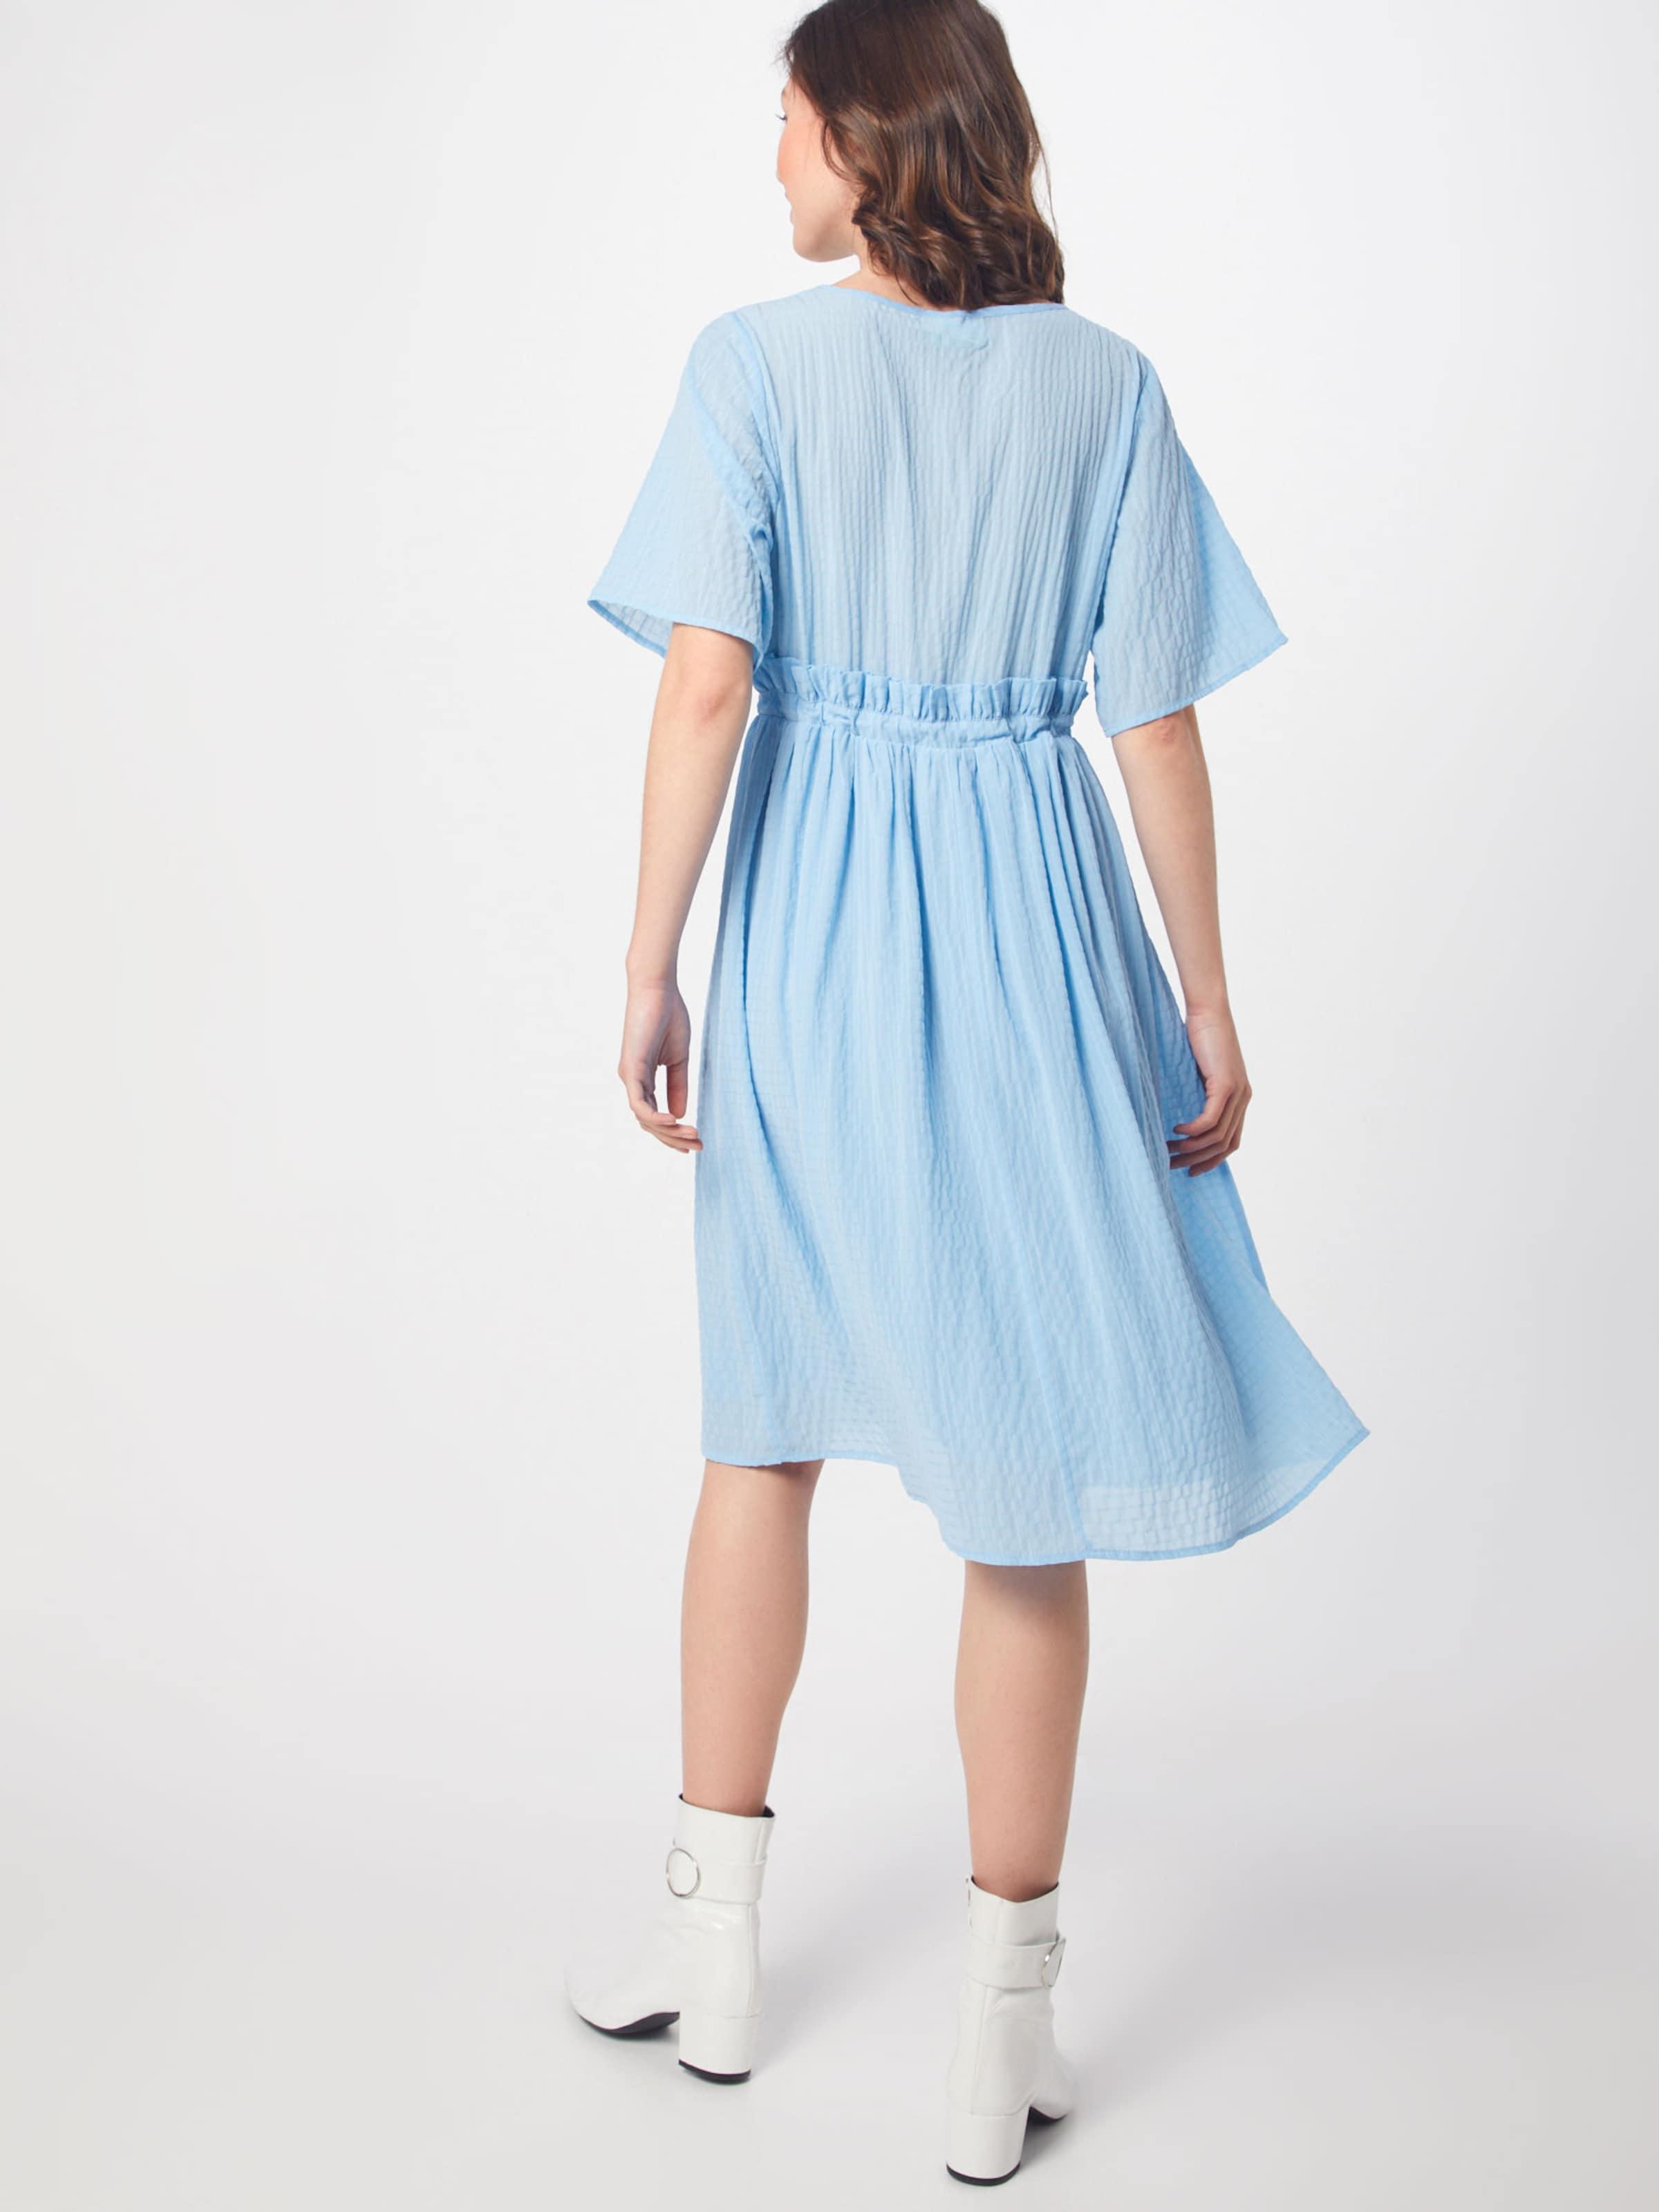 En D'été Bleu Robe Moves Moves Robe D'été KlF1Jc